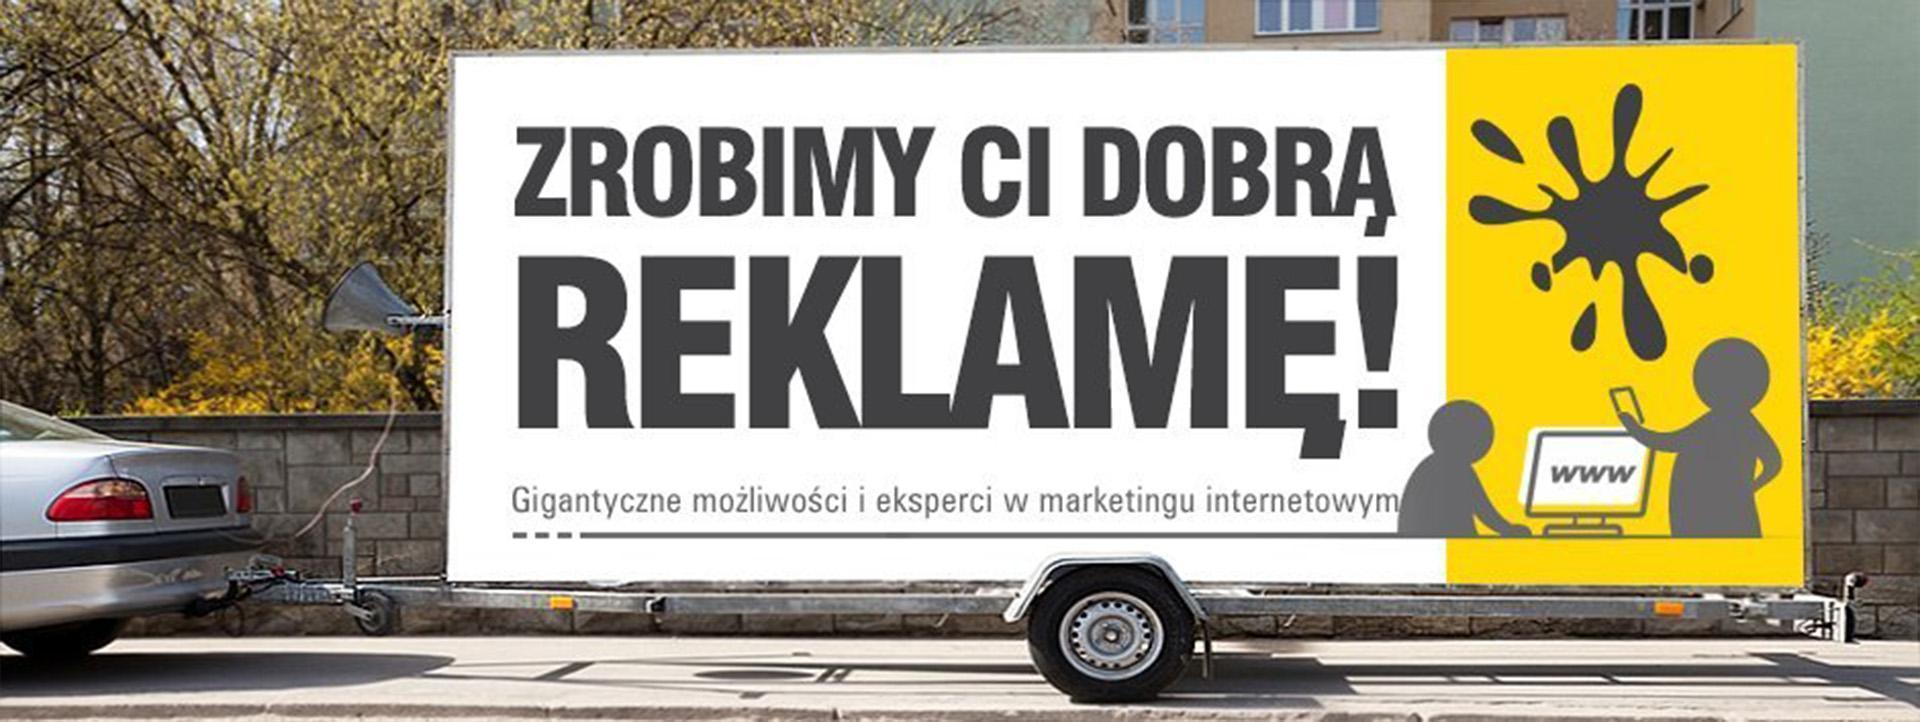 baner Zrobimy Cidobrą reklamę